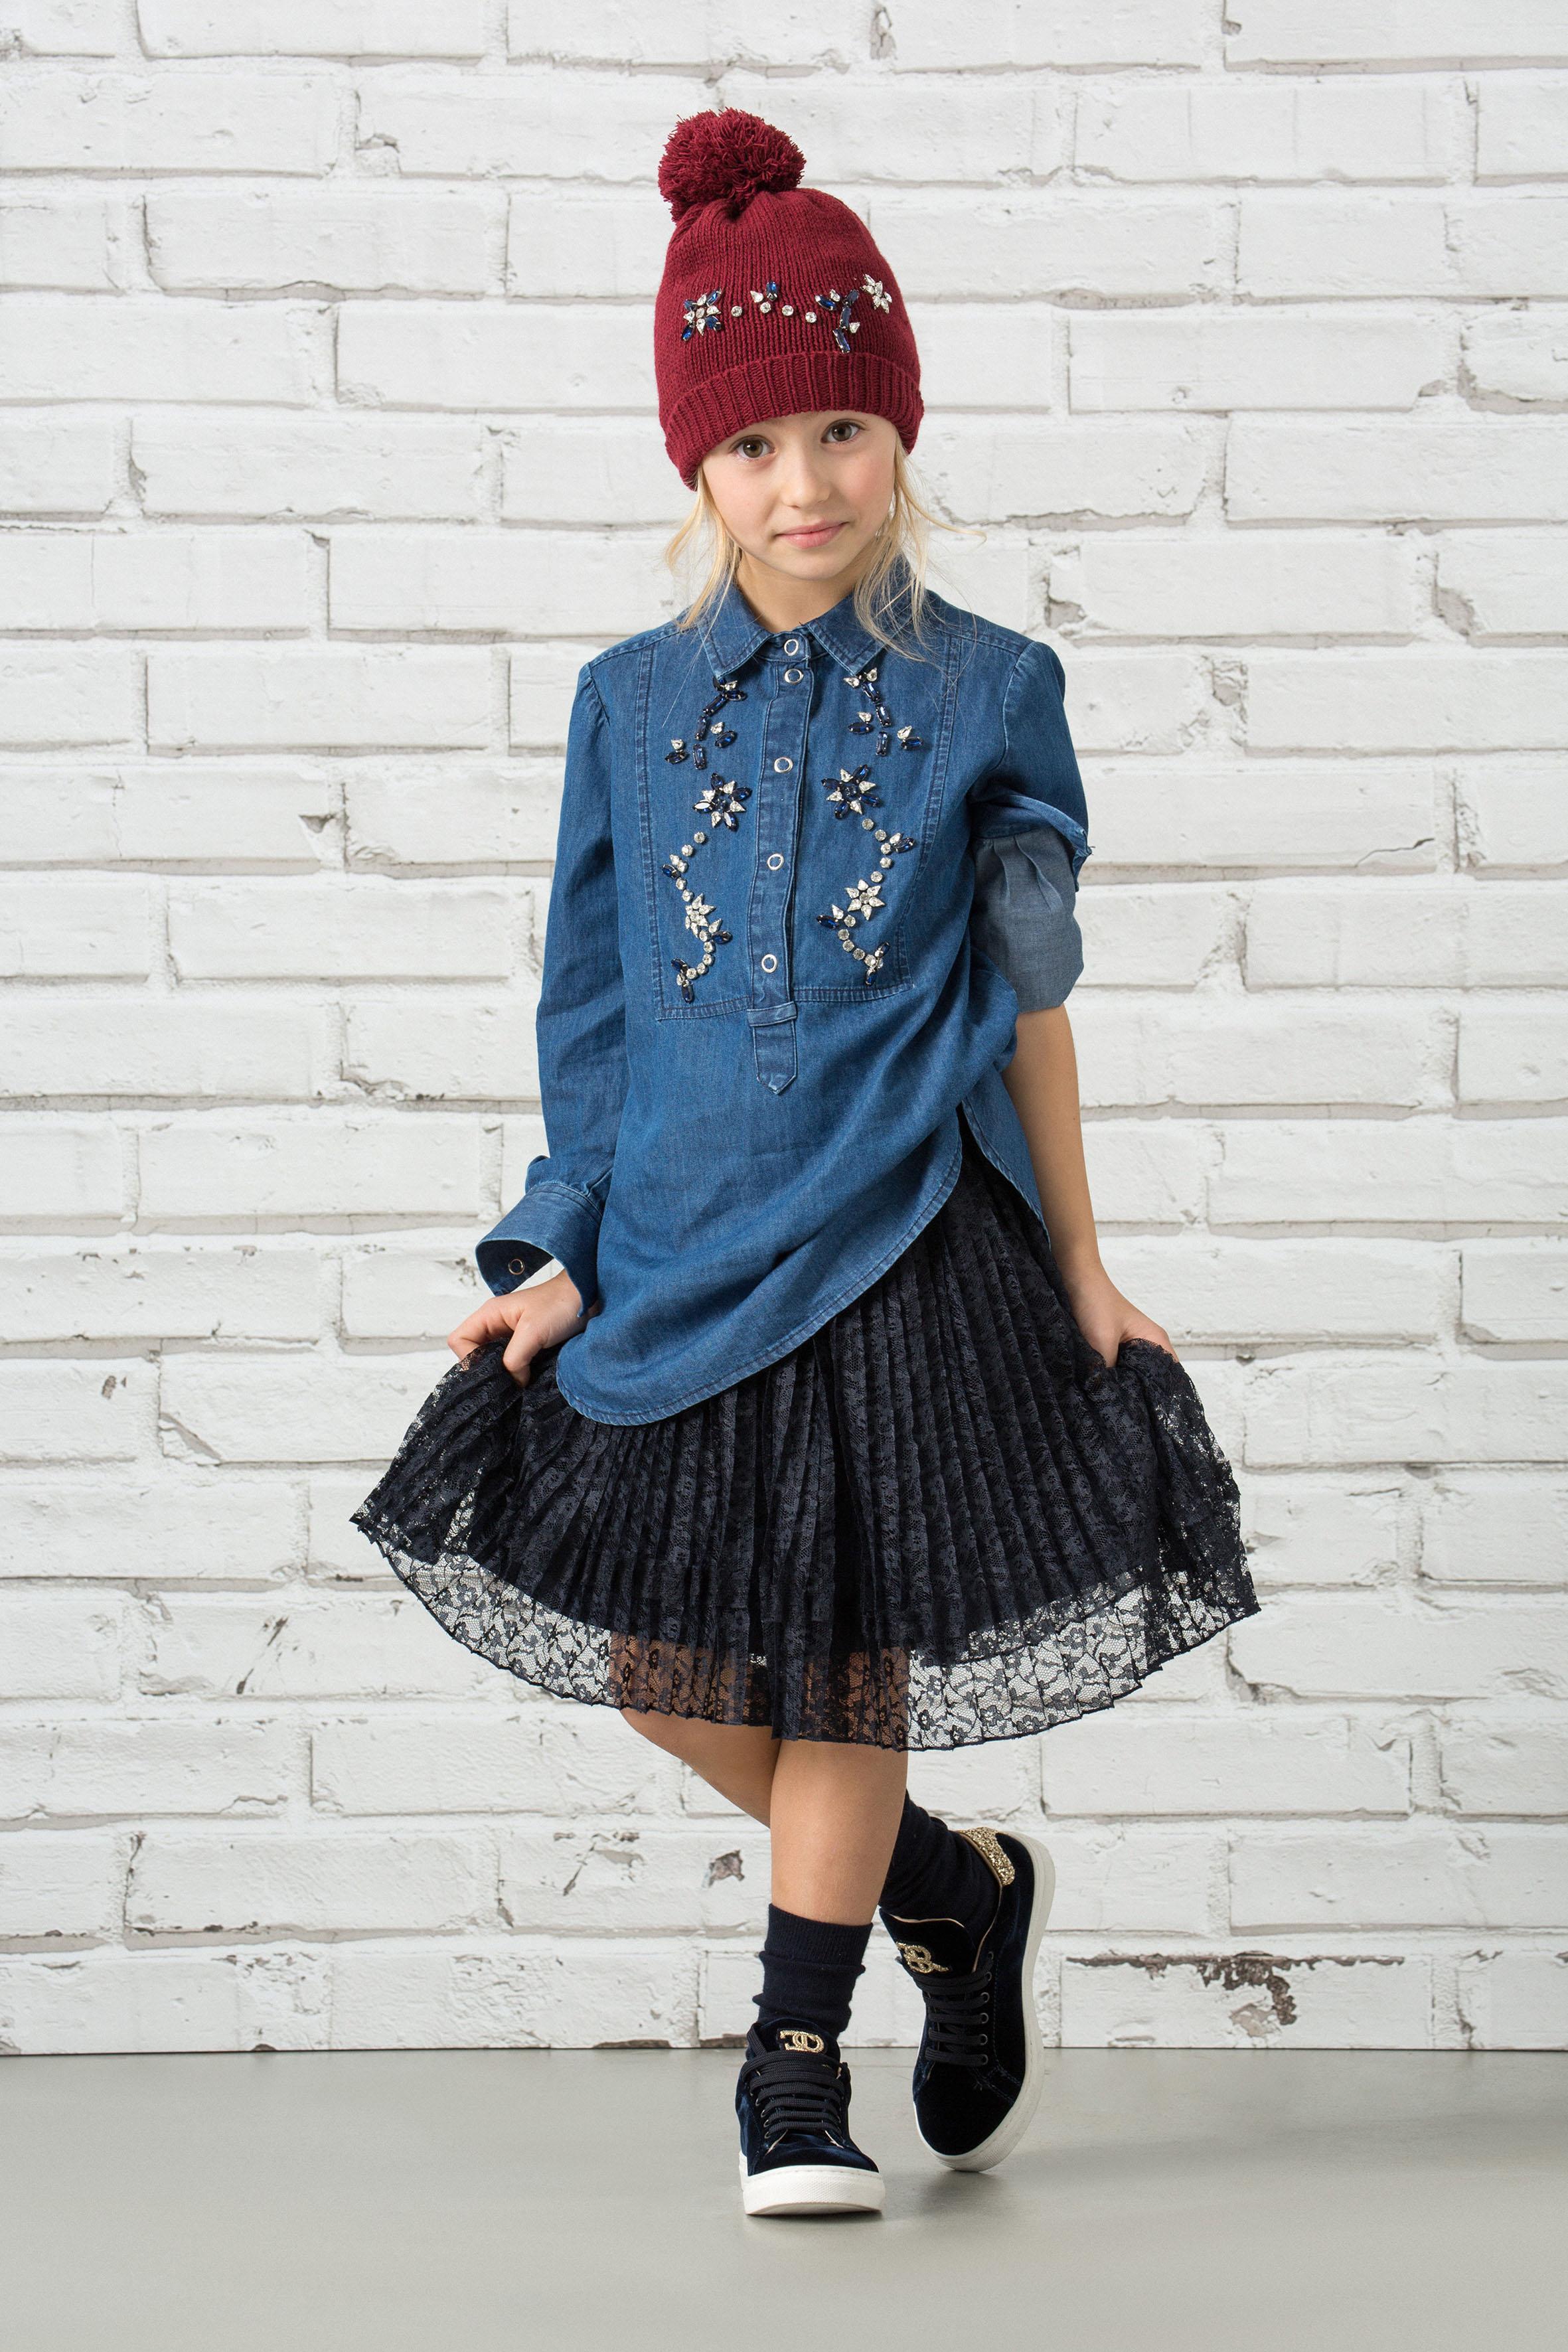 moda bimbi inverno 2016